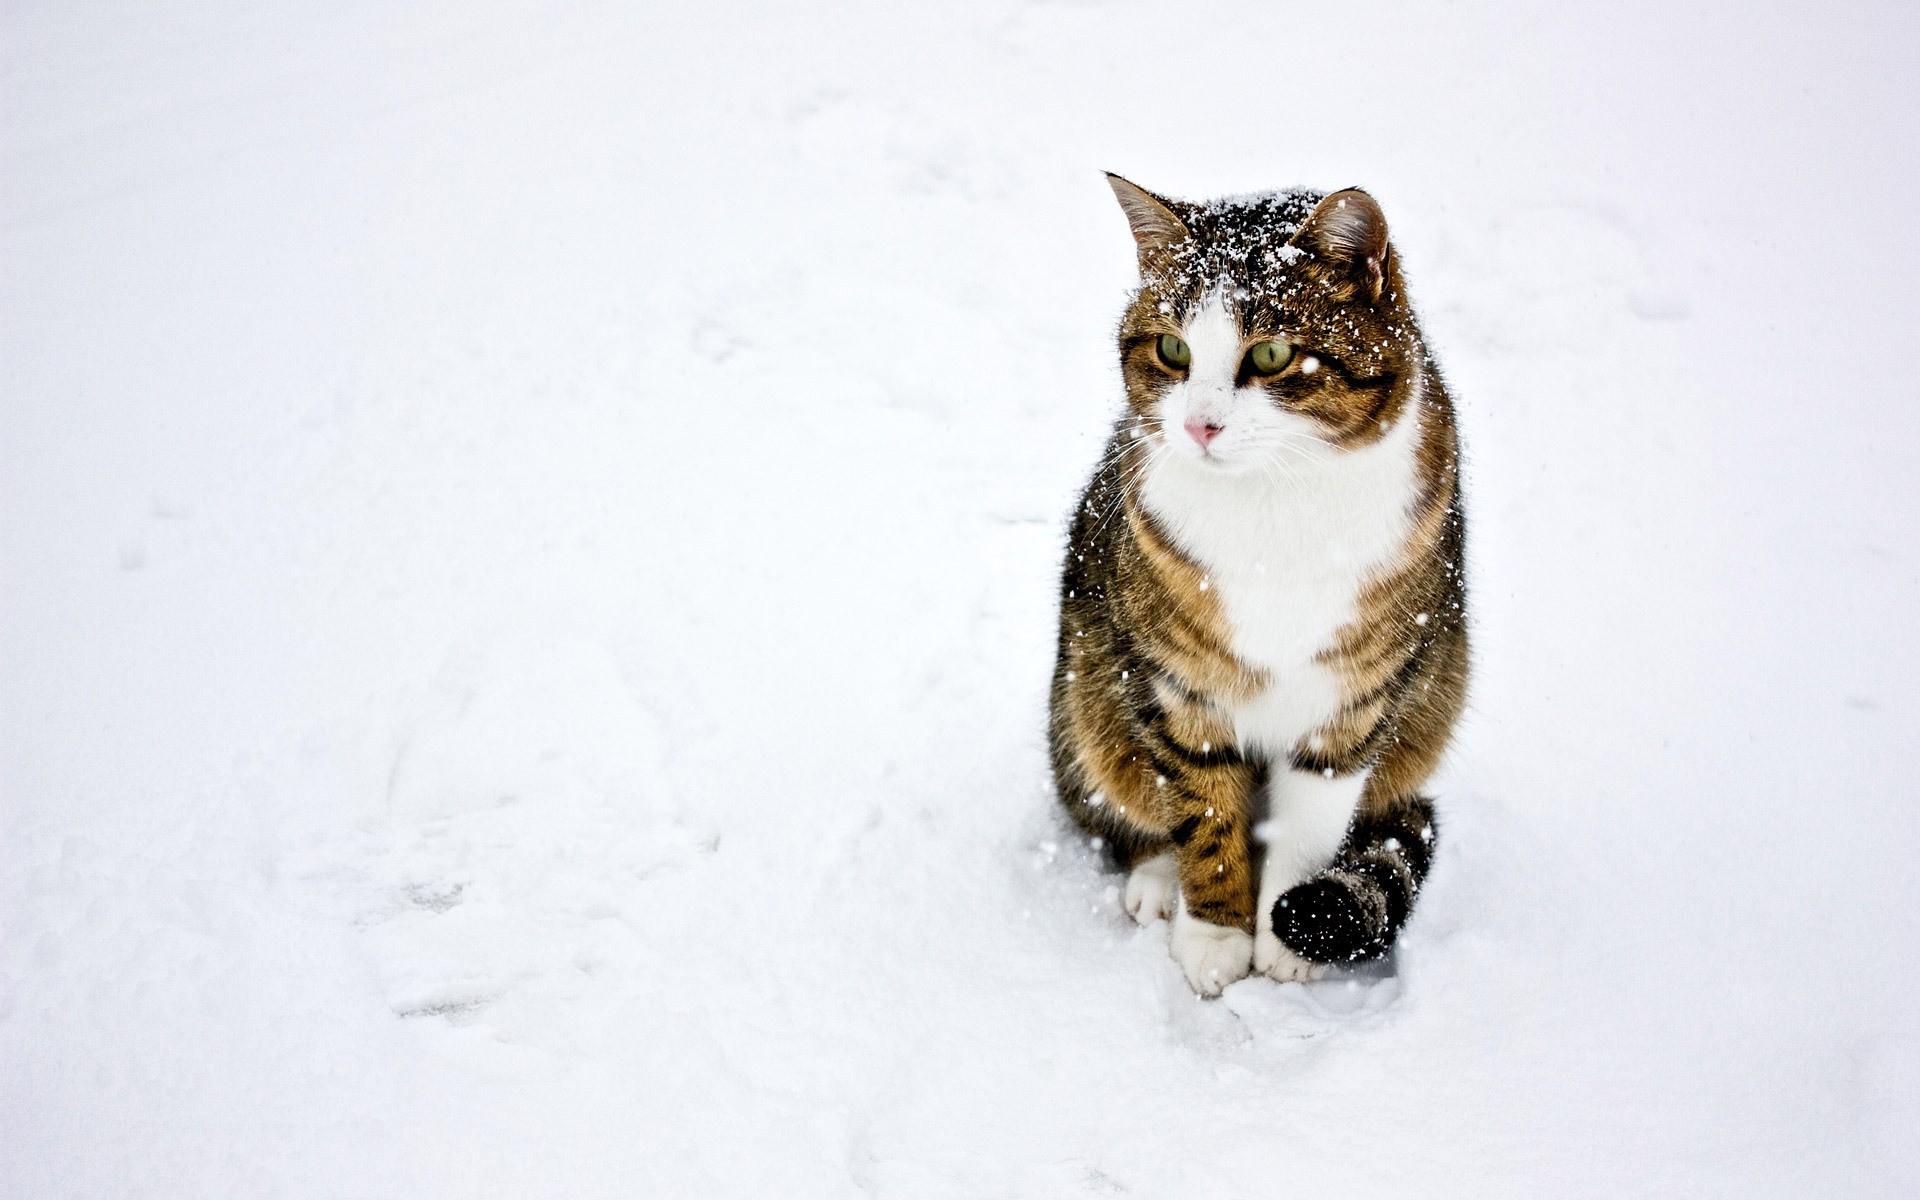 Un gato paseando en la nieve - 1920x1200